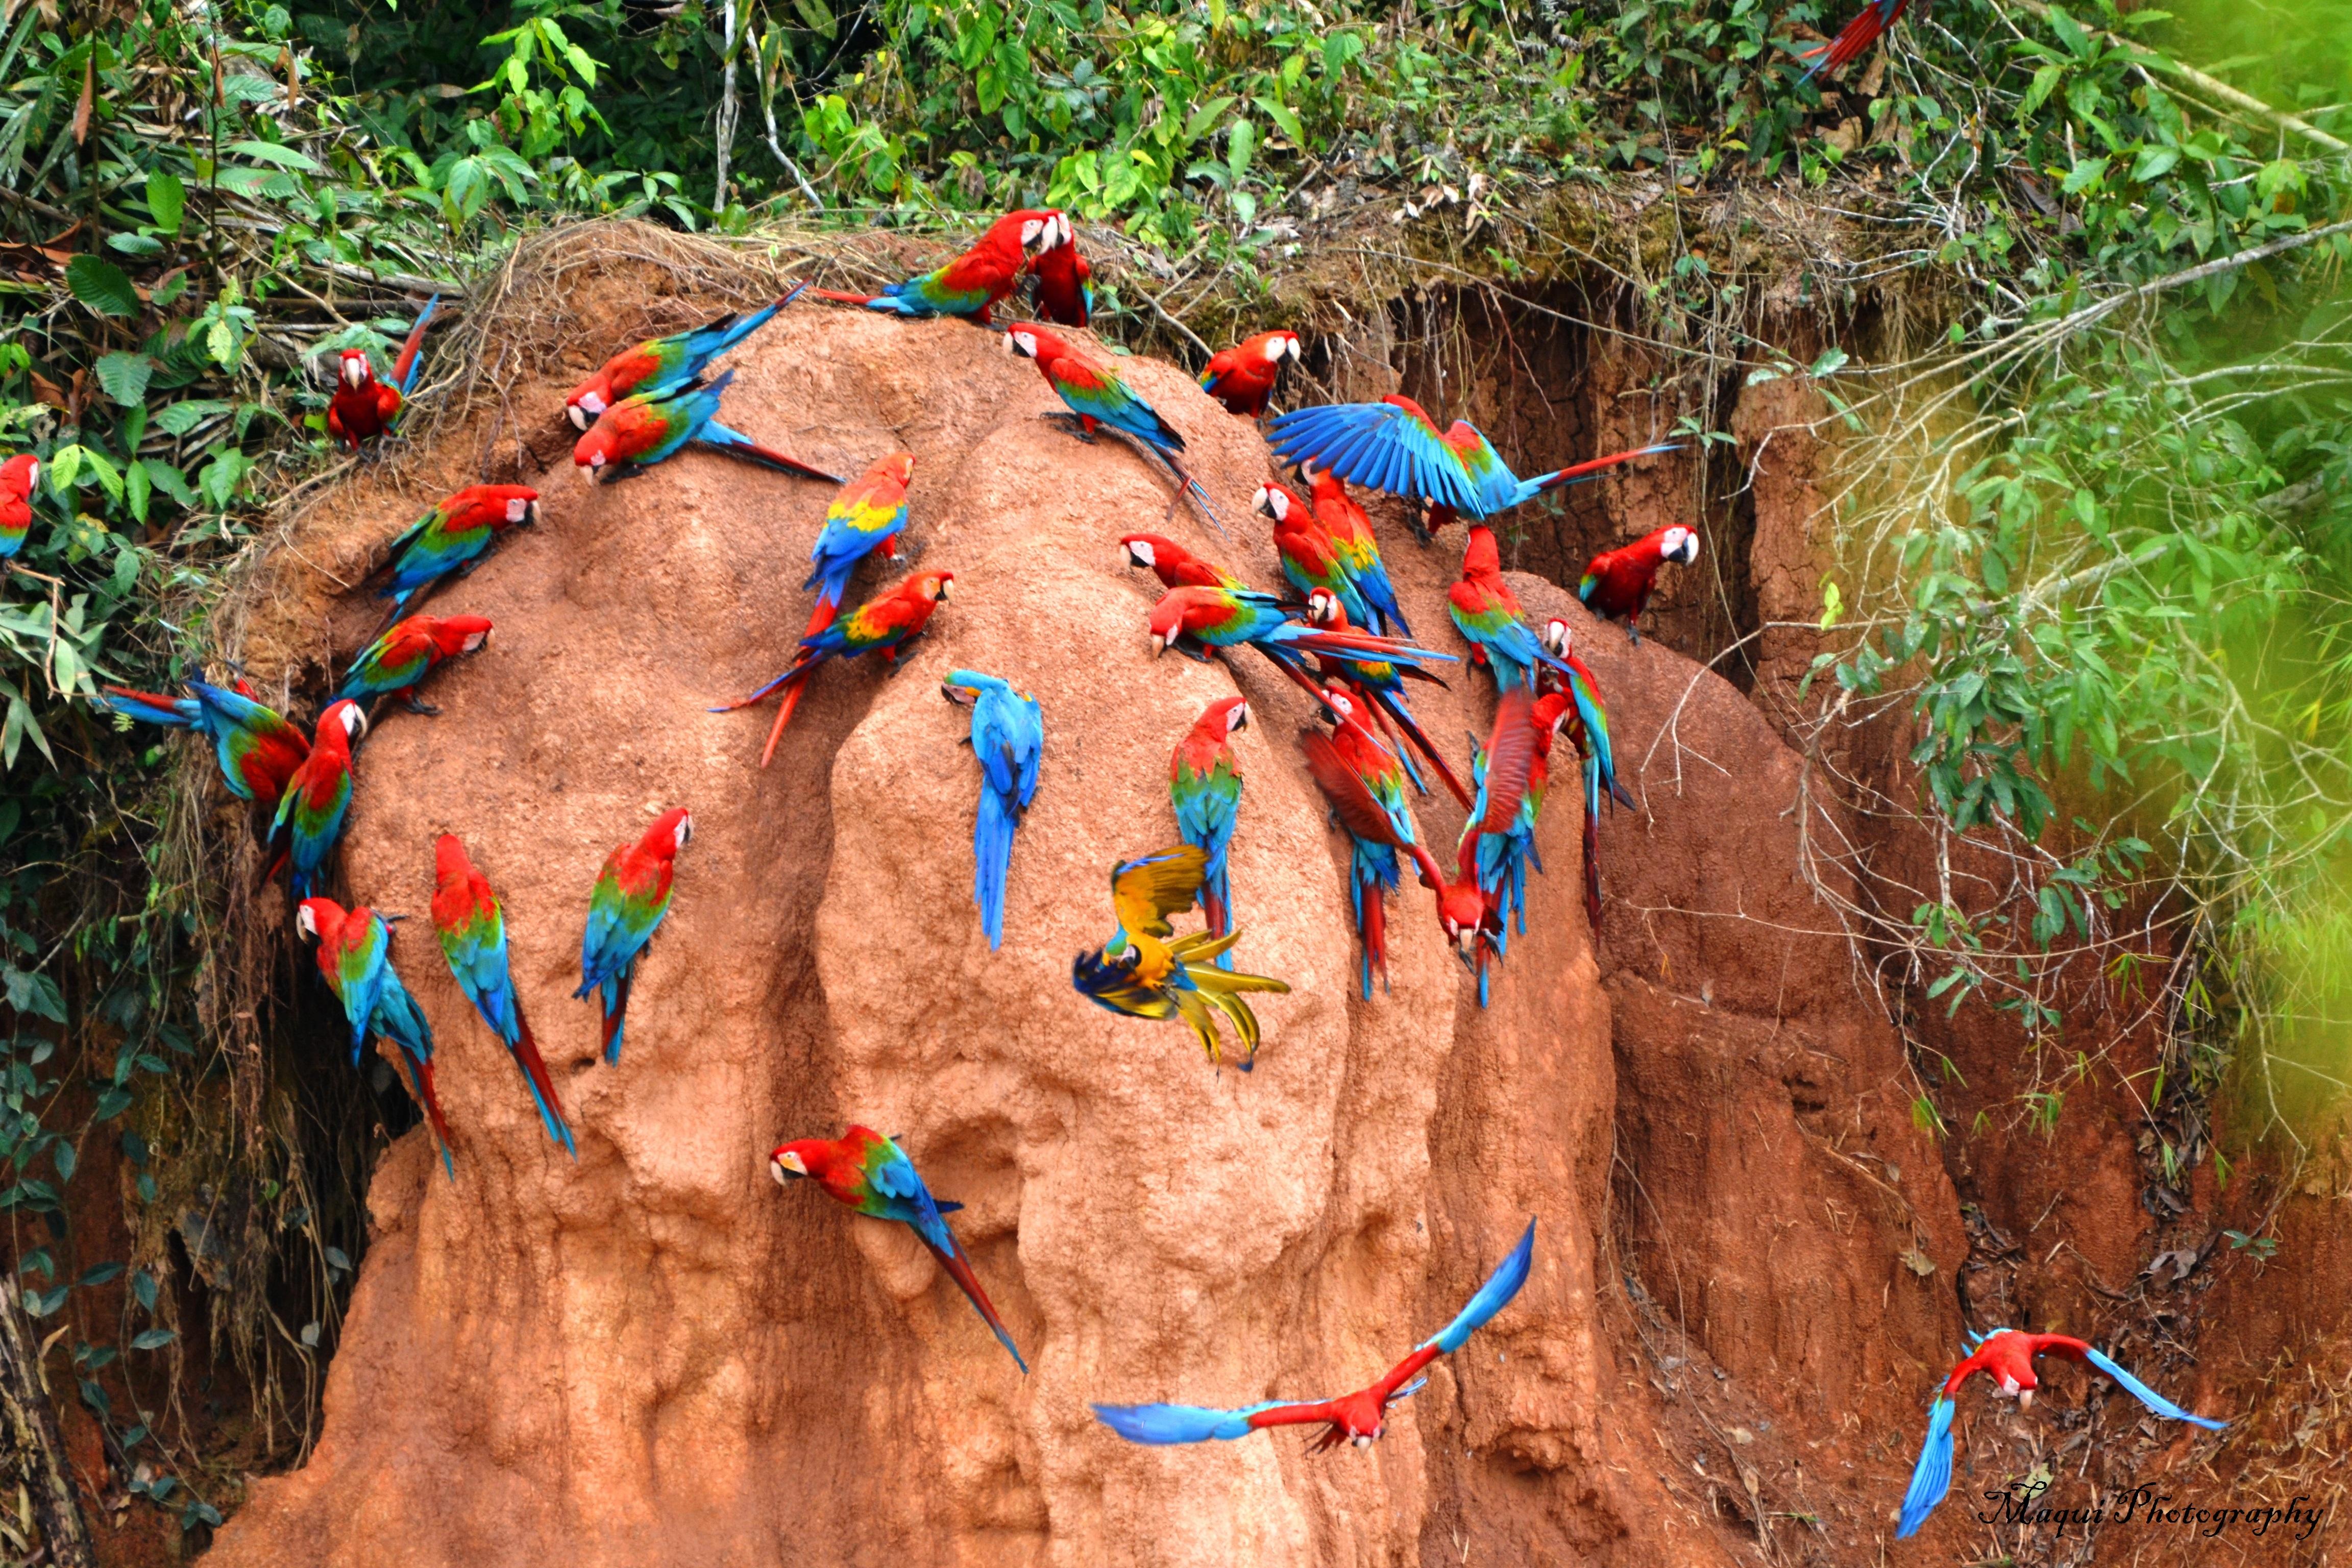 Arapapegojor i Tambopatareservatet